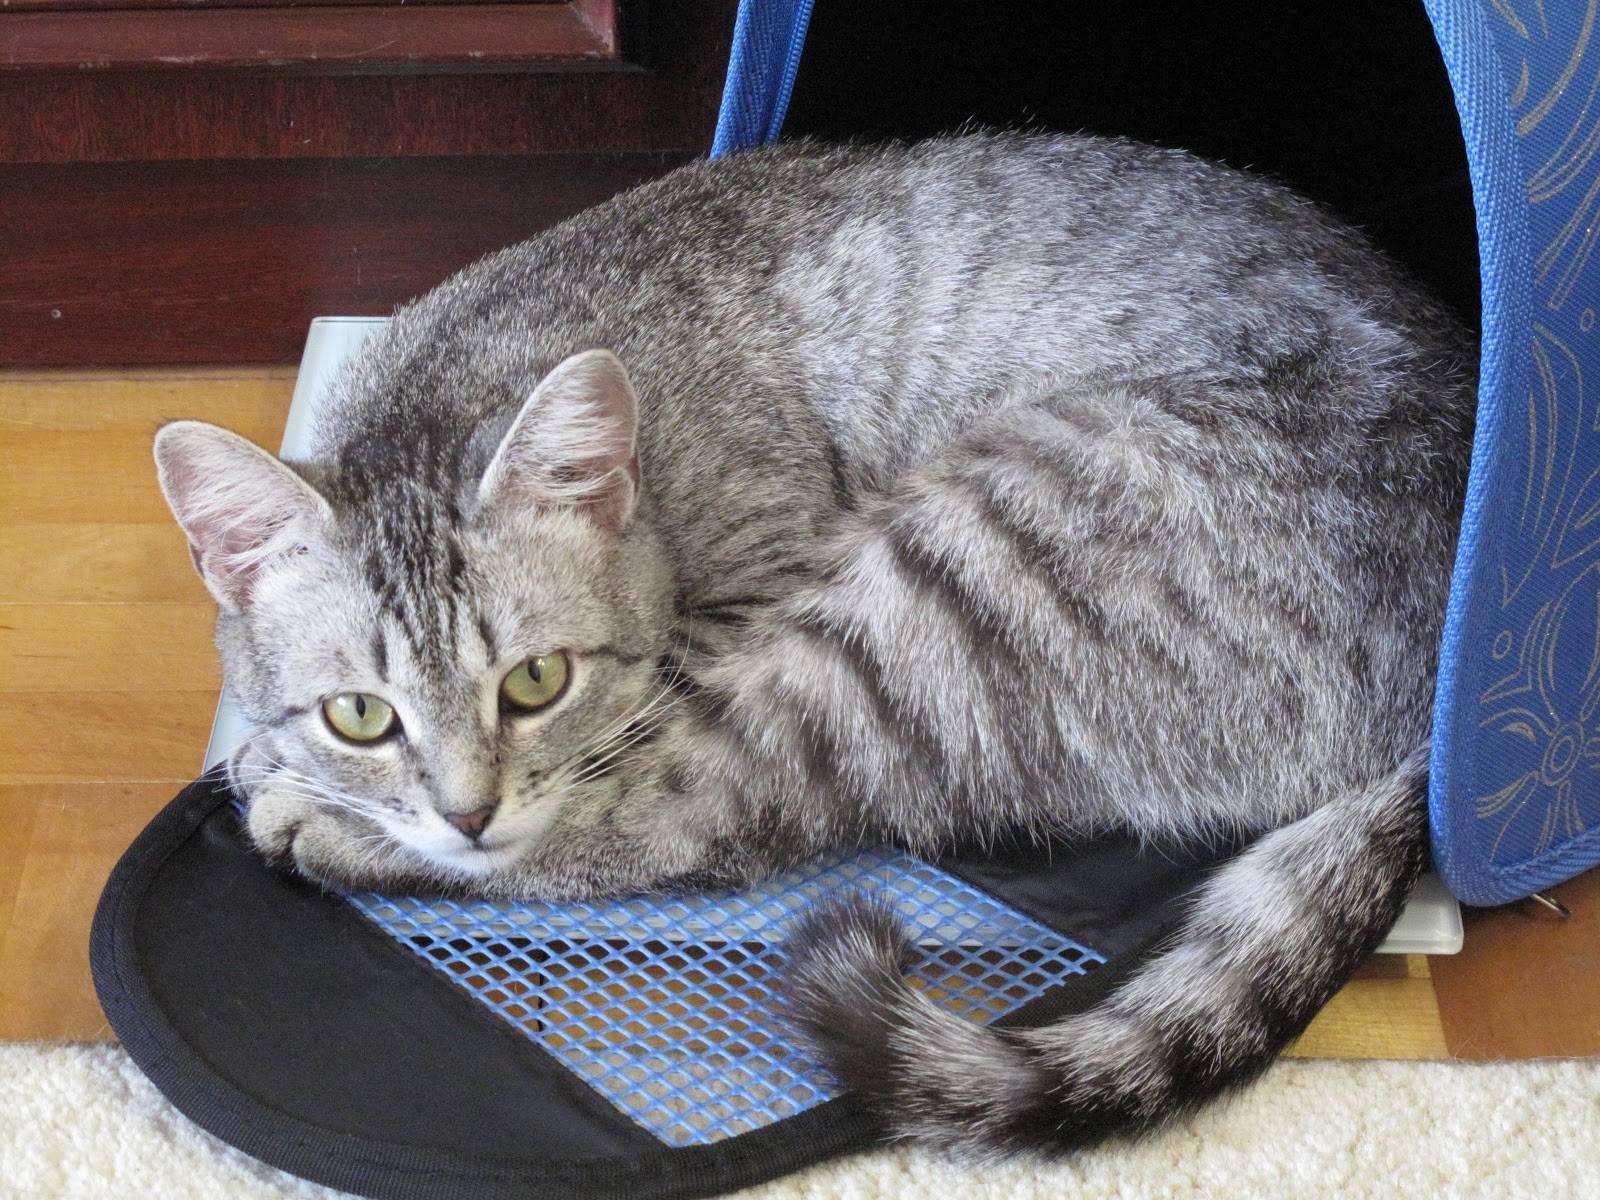 Спят на одежде хозяина: несколько странных кошачьих привычек и их значение